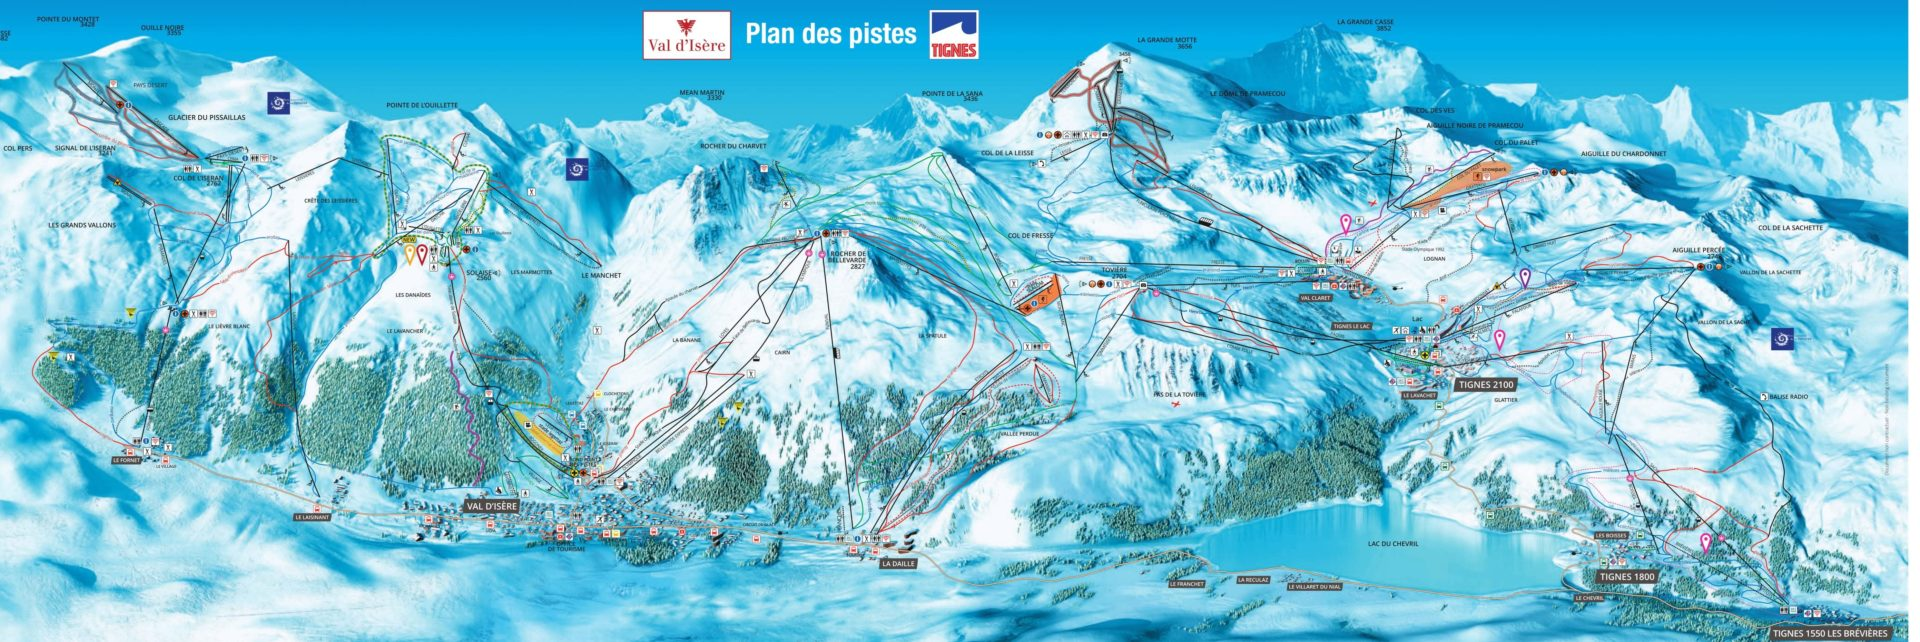 Pisteplattegrond Tignes-Val d'Isere wintersport skivakantie luxe